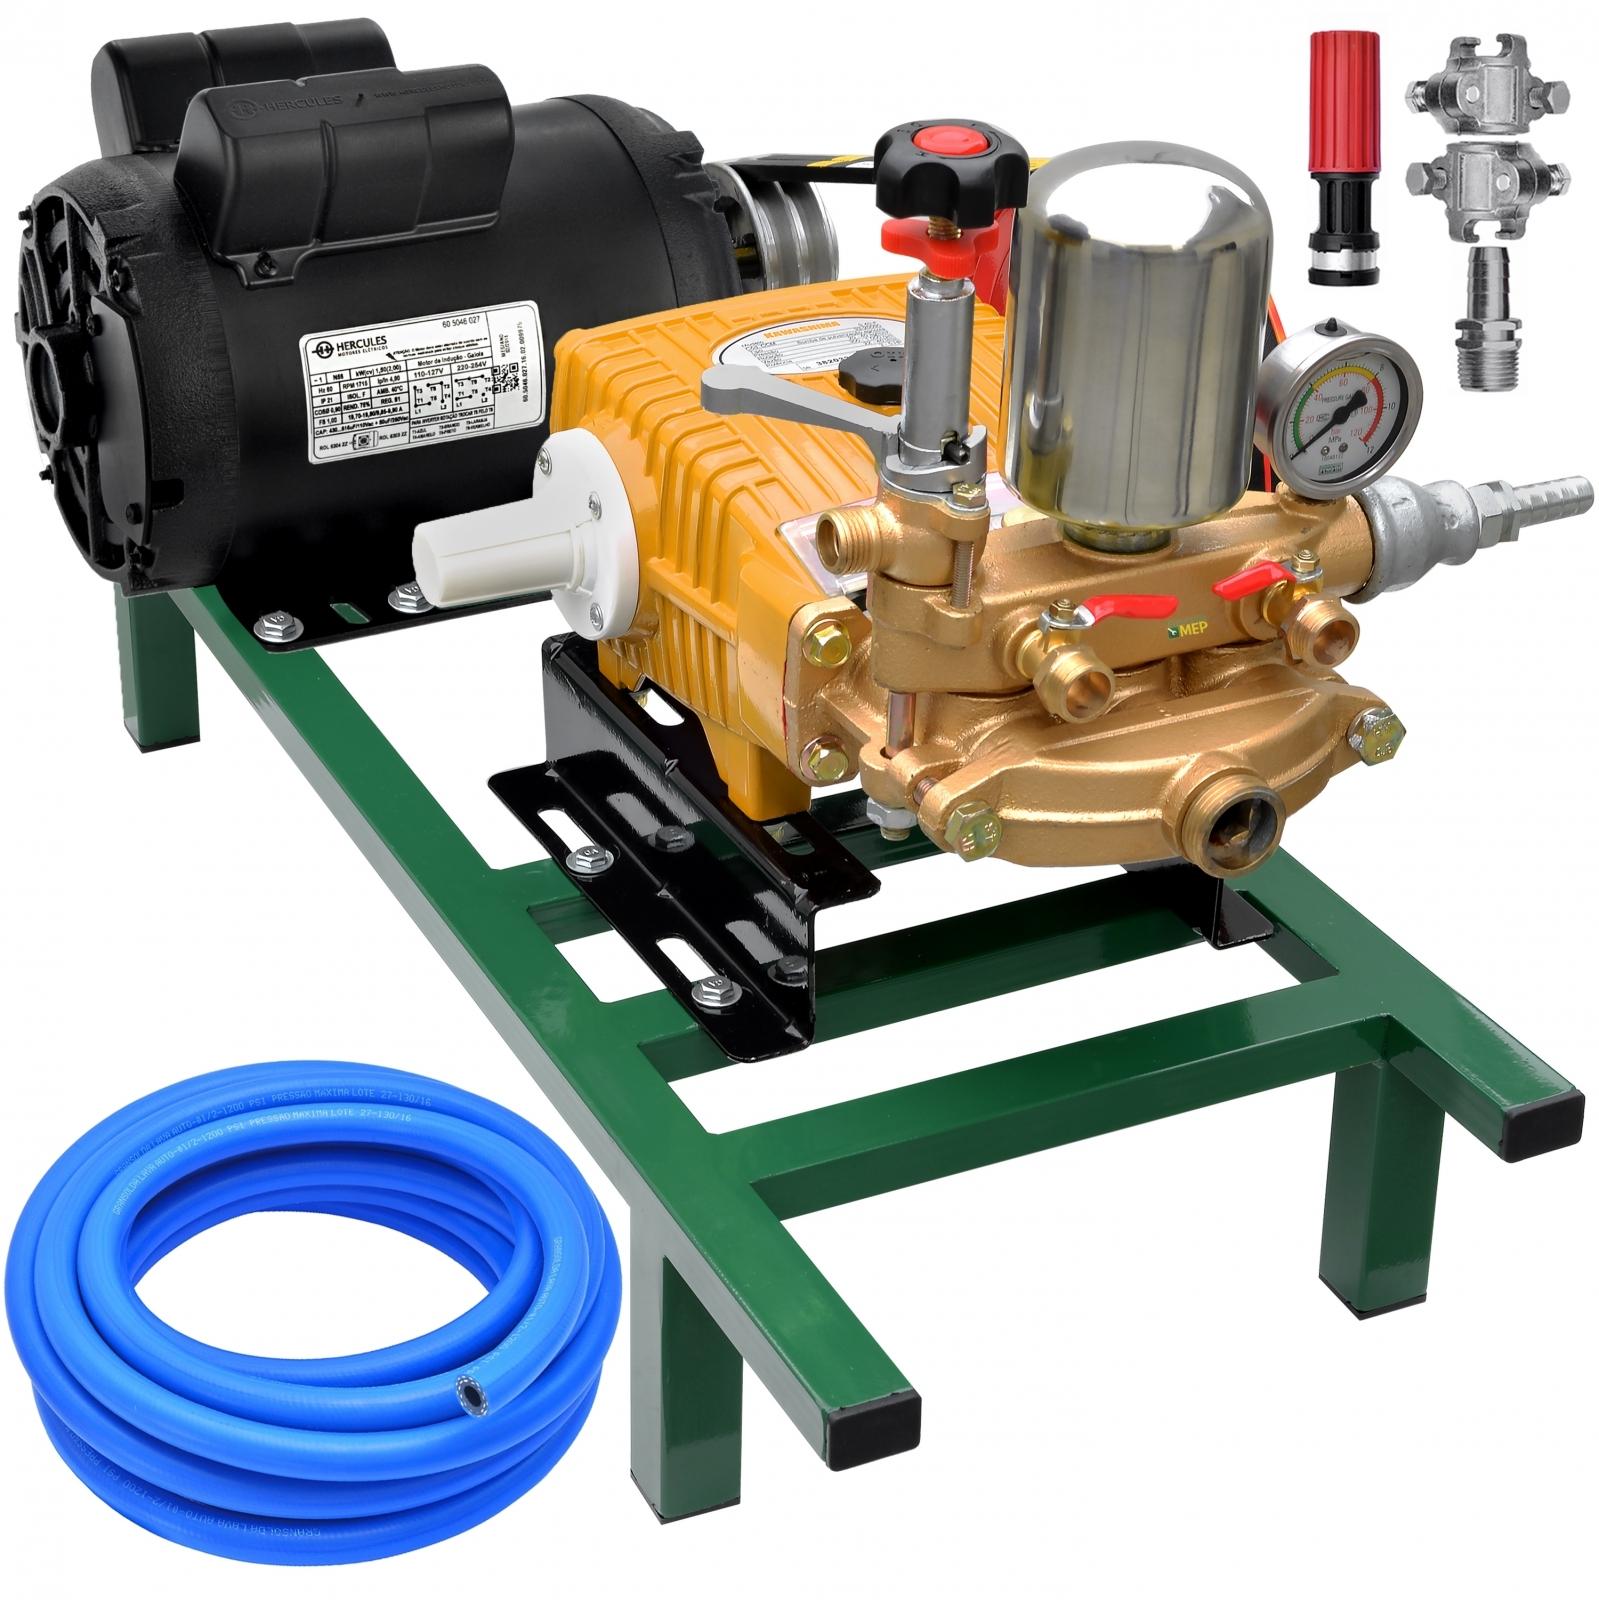 Bomba De Alta Pressão E Pulverização Zmax Zp22 + Motor marca Hercules 2cv 4p Lavacar Completa - Ferramentas MEP